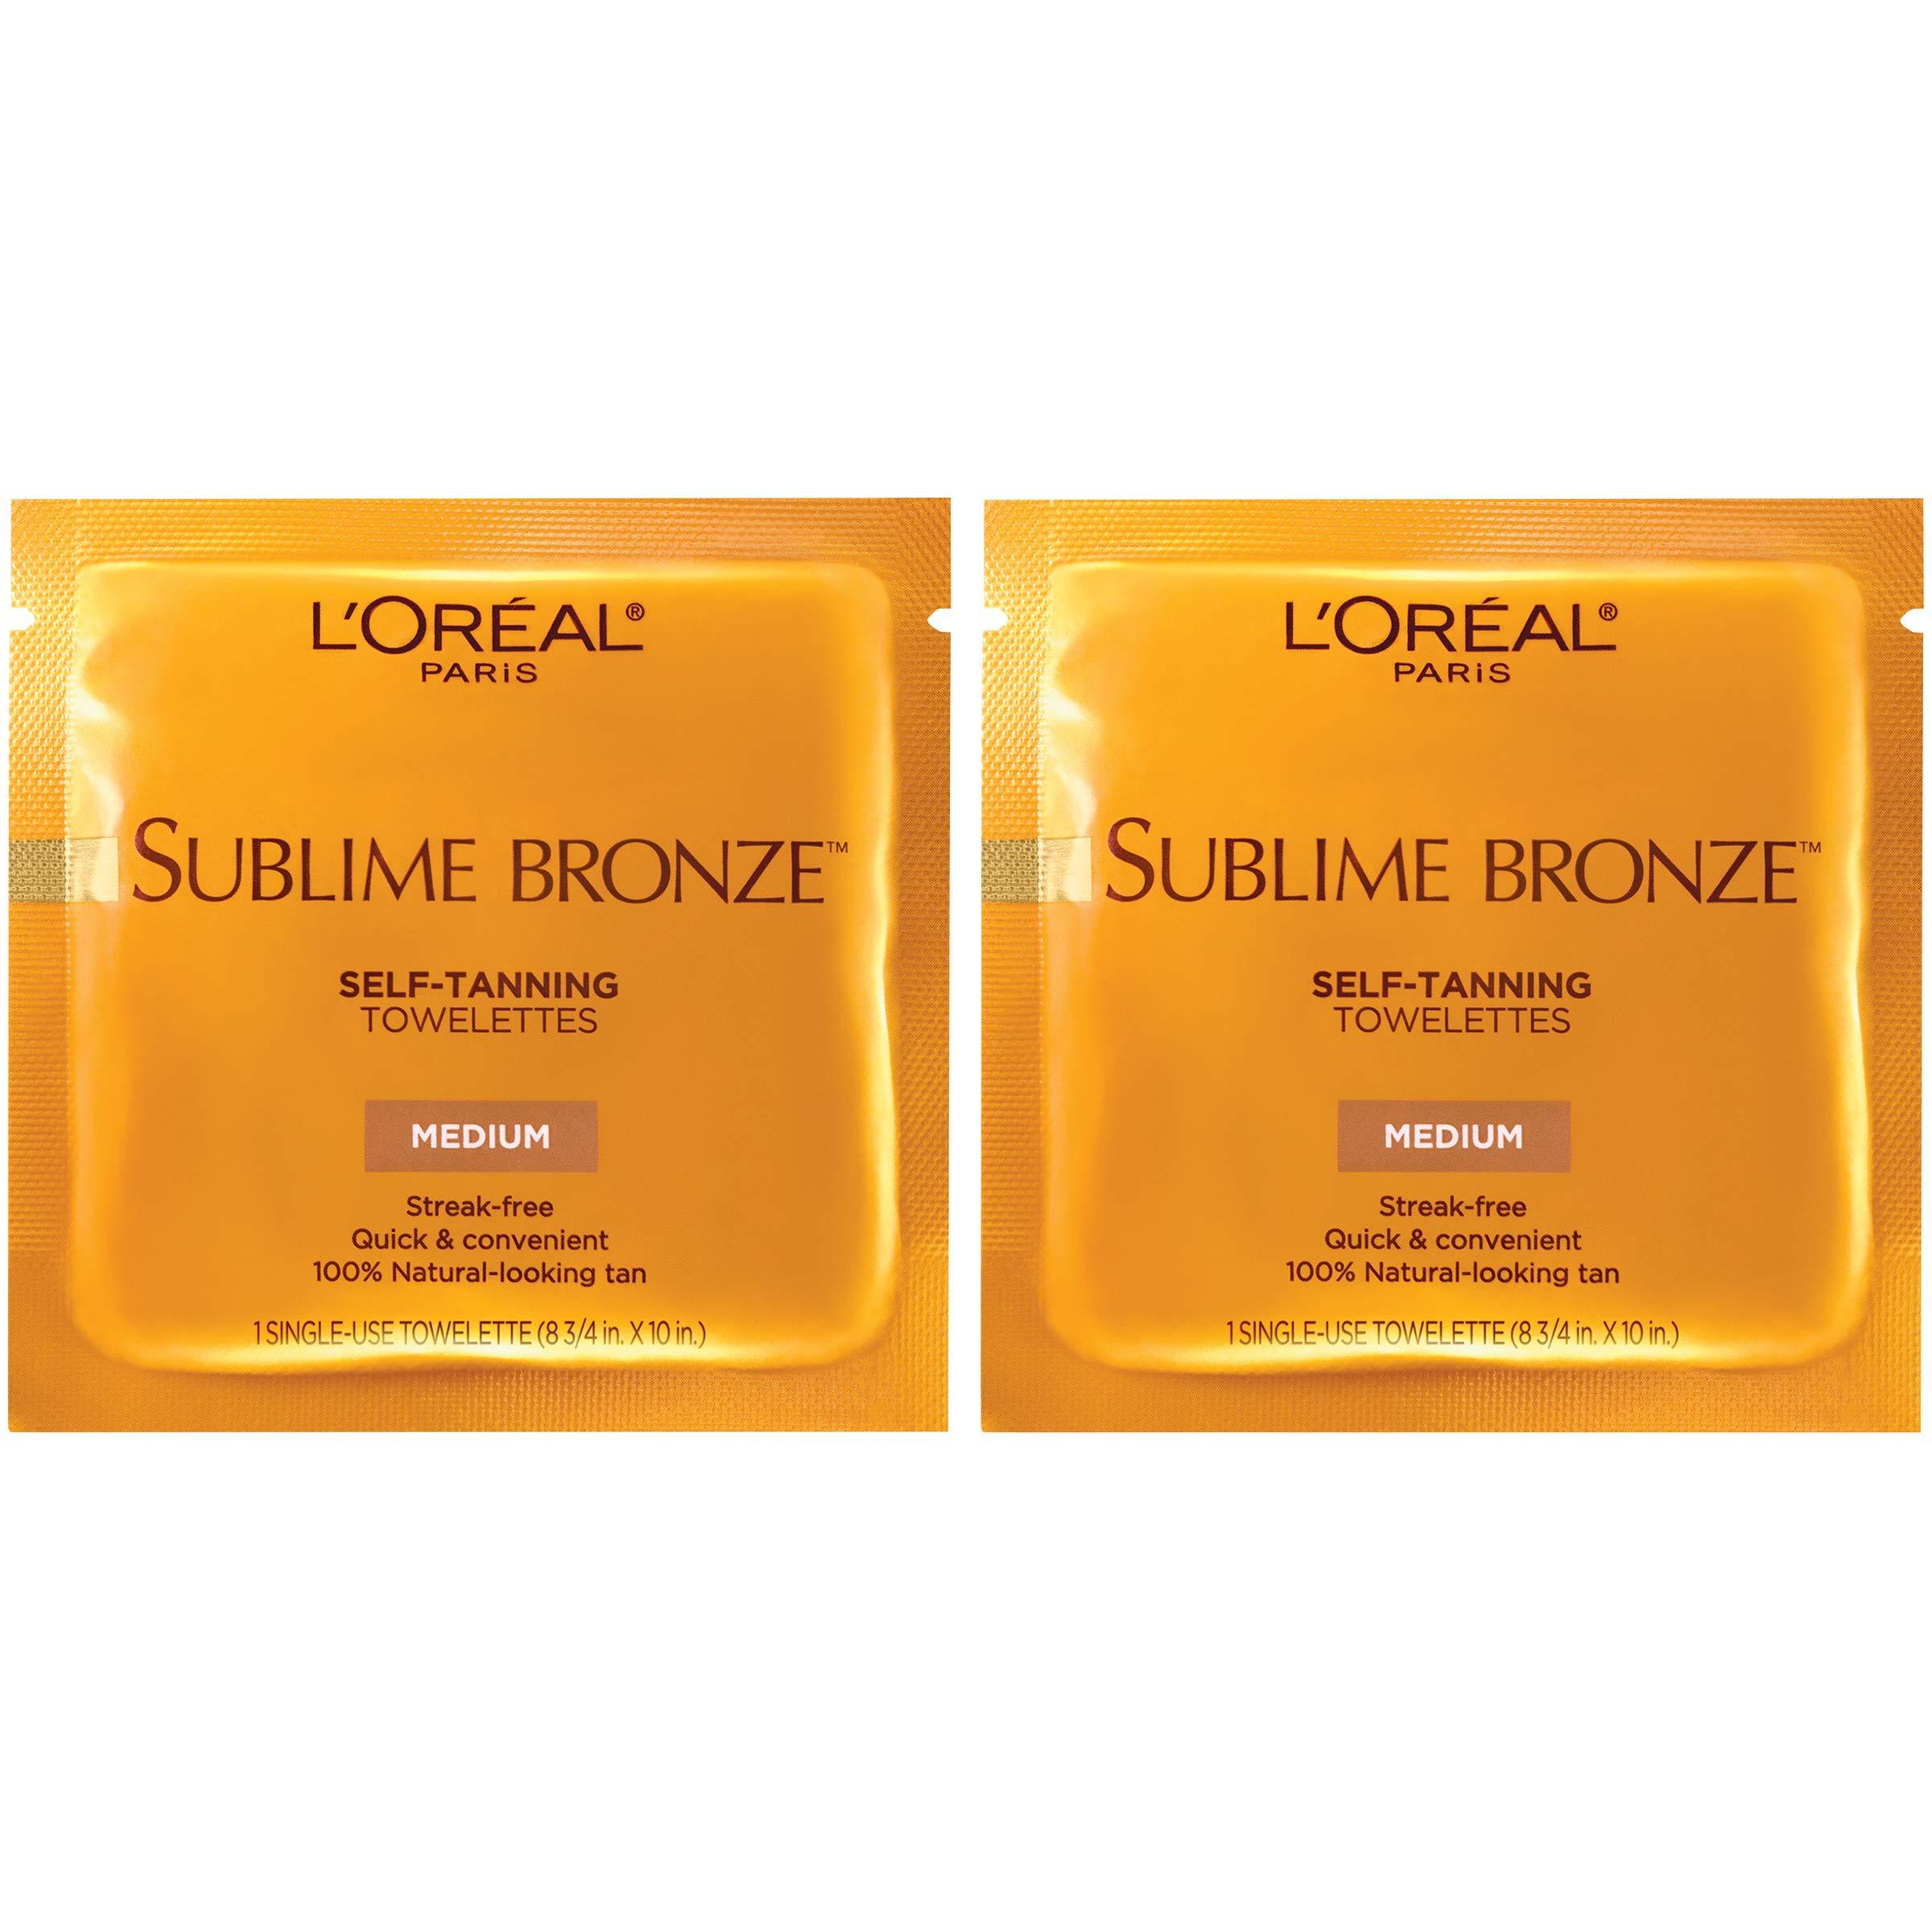 L'Oreal Paris Sublime Bronze Self-Tanning Towelettes, 2 count by L'Oreal Paris